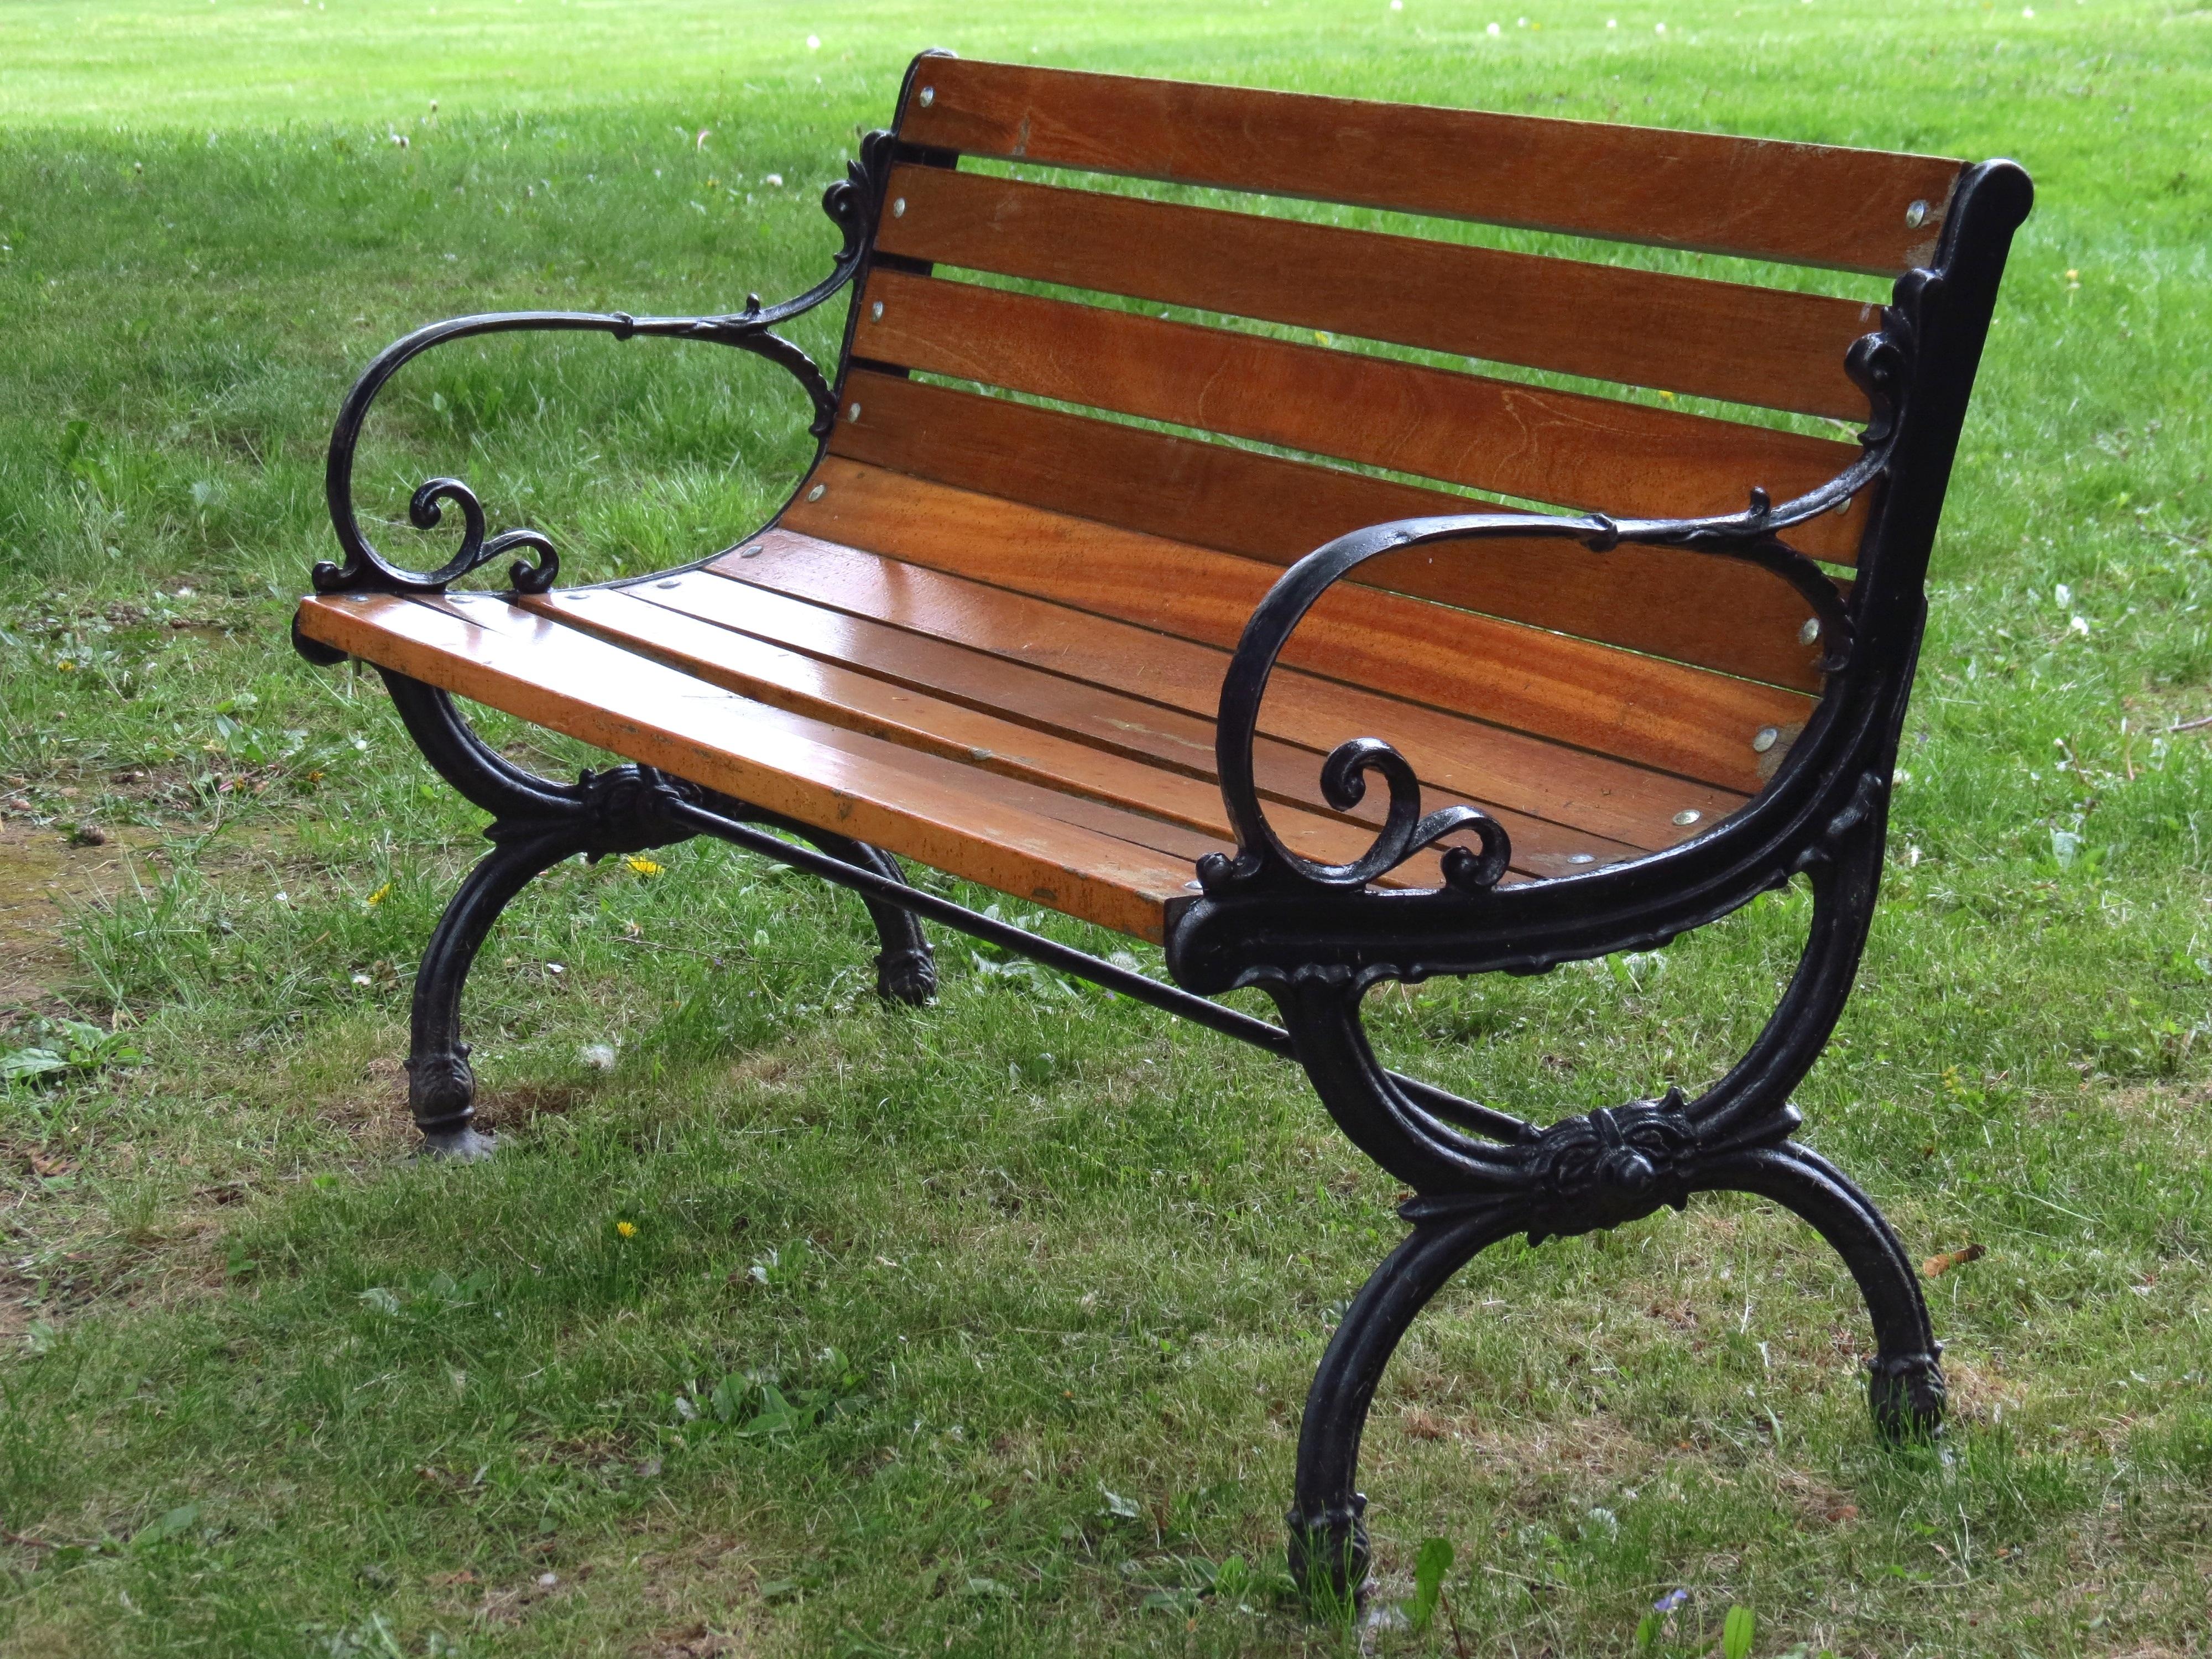 Fotos gratis : mesa, césped, banco, carro, silla, asiento, primavera ...